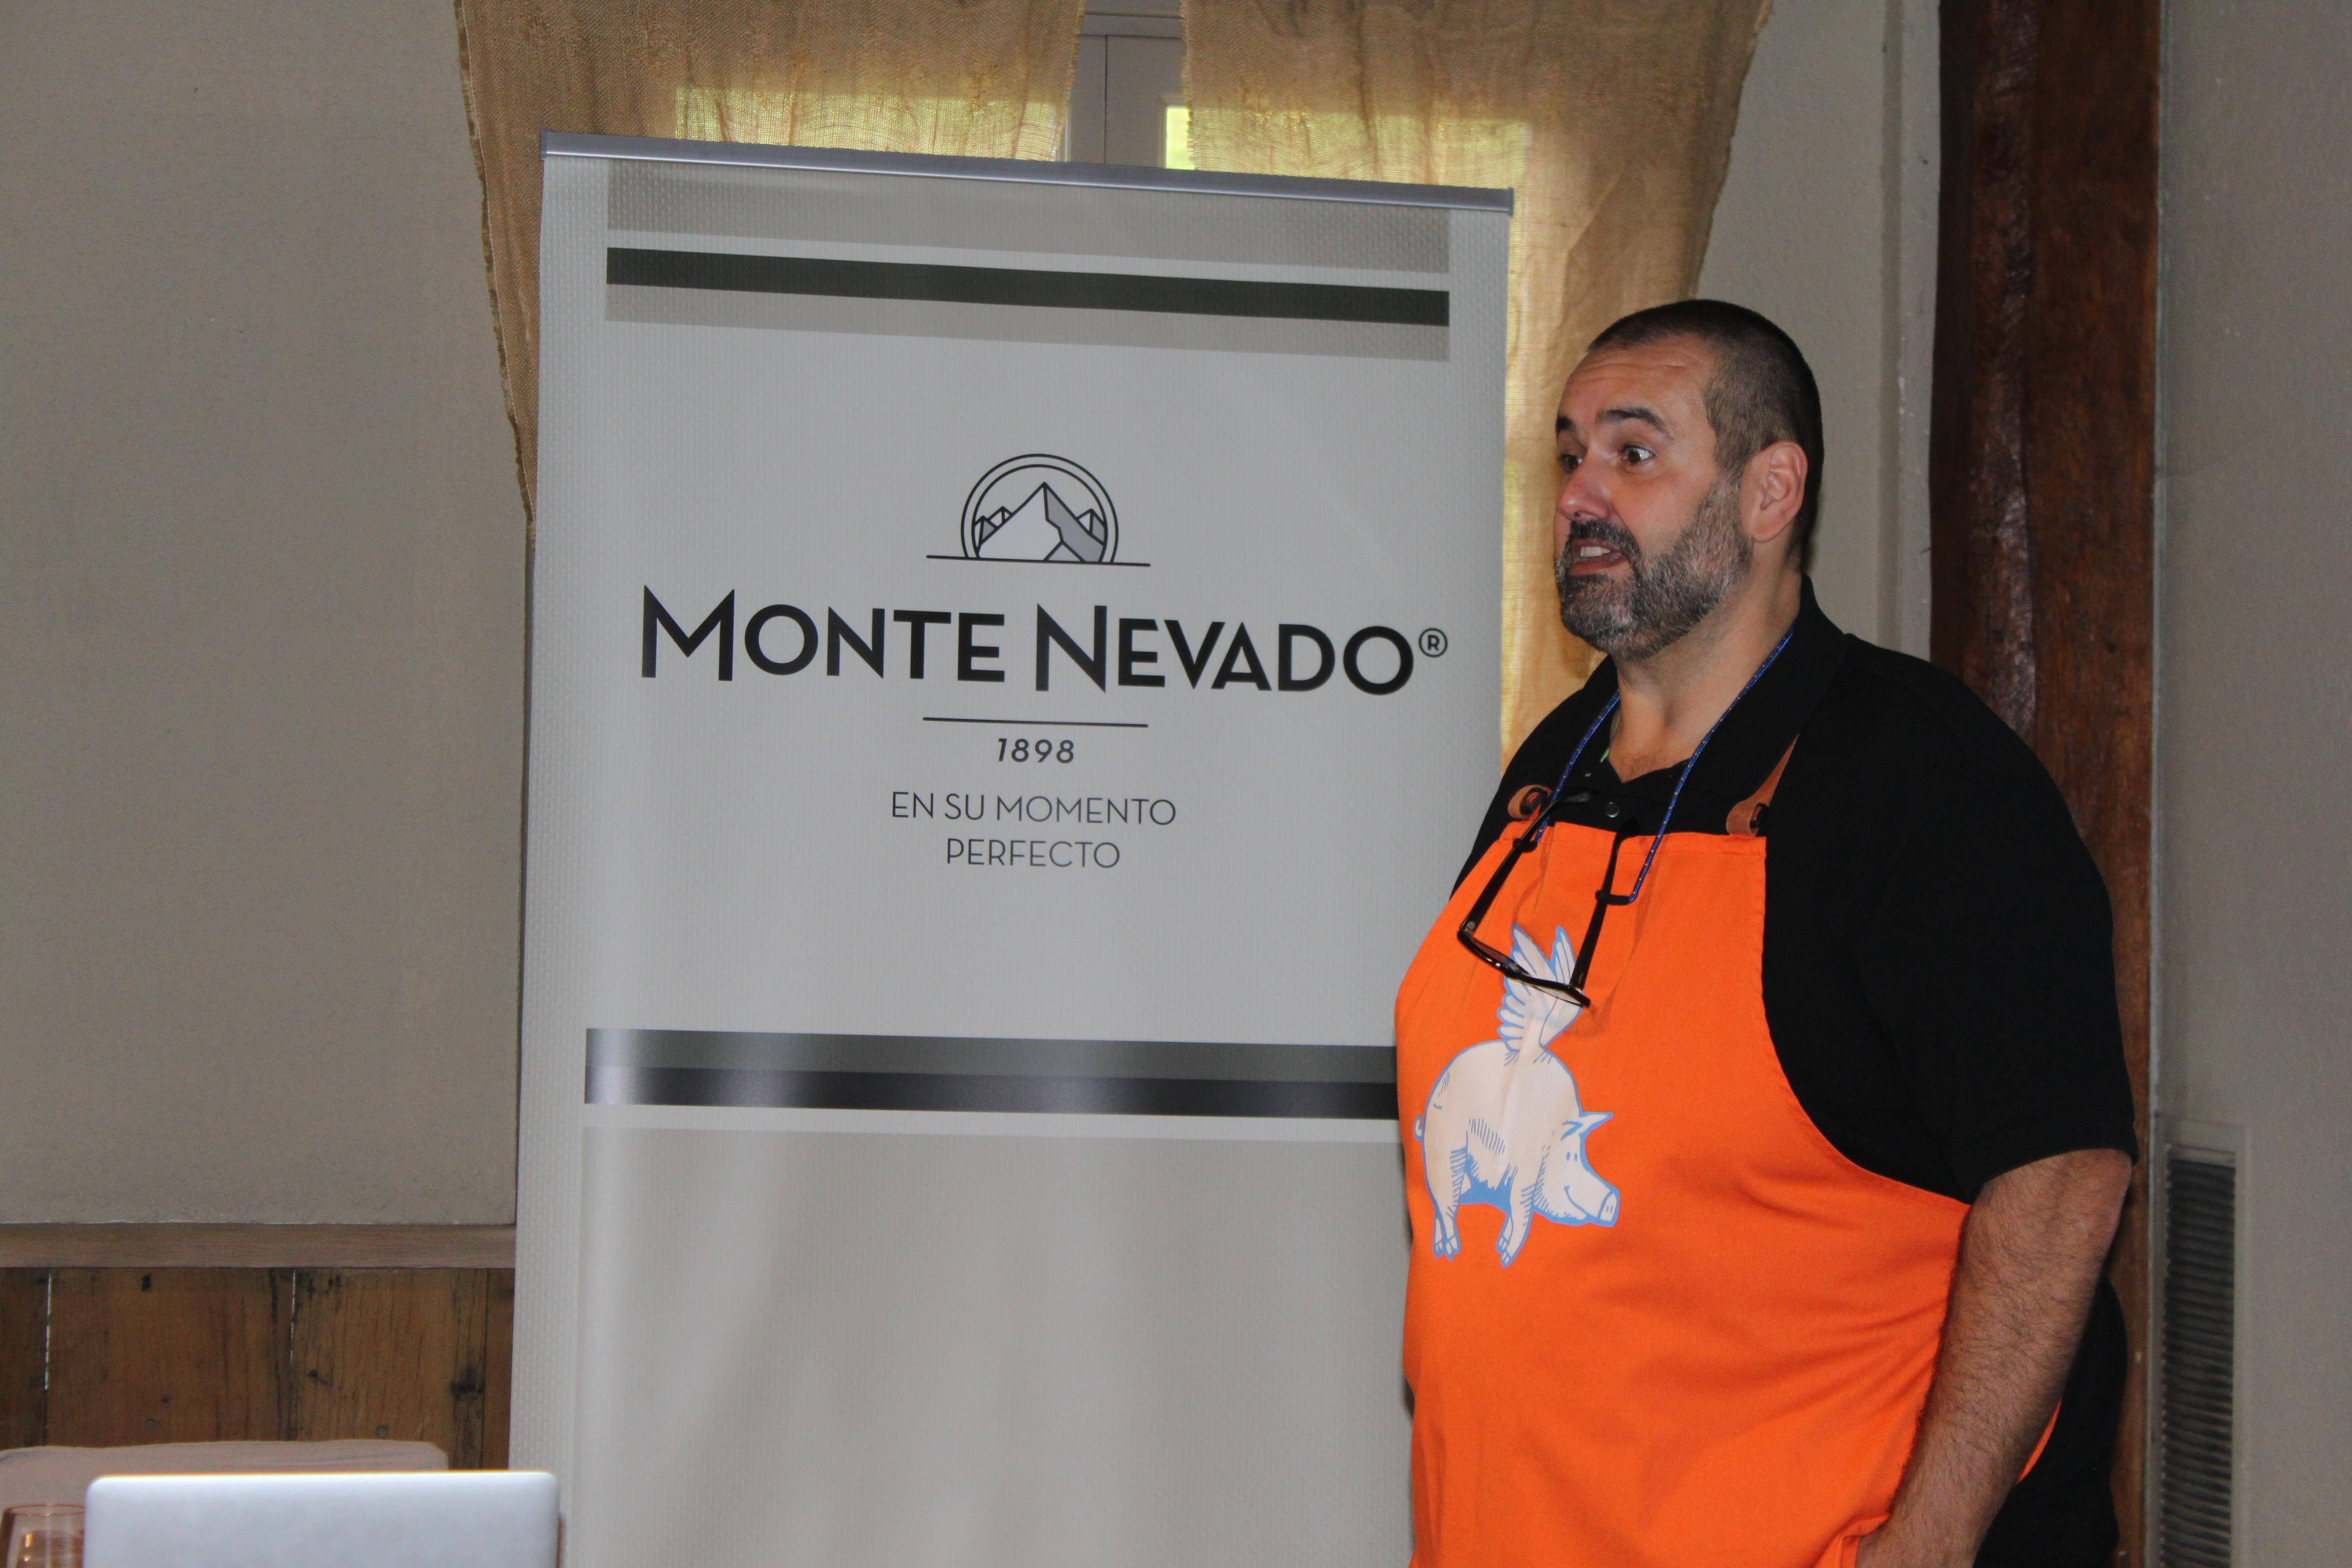 Durante Esta Cita, Se Unió A La Alta Cocina Con El Mundo Del Ibérico De La  Mano De Expertos De Monte Nevado, Con El Objetivo De Ensalzar Esta Raza E  ...